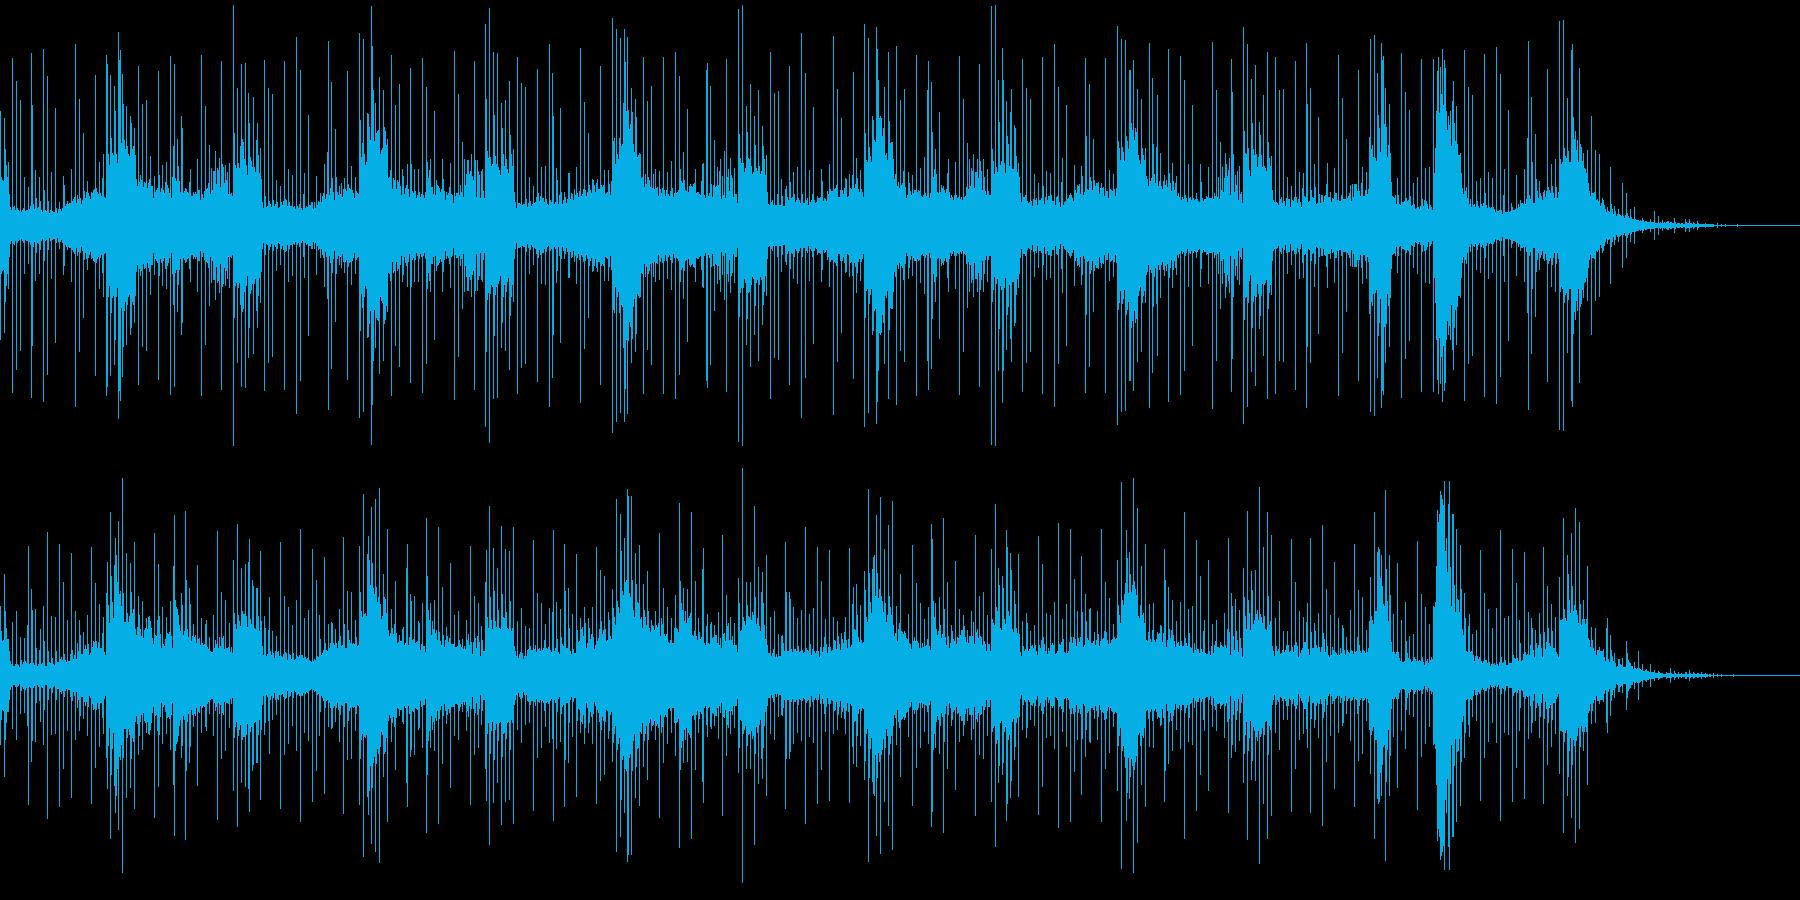 敵地にこっそり侵入するイメージの曲の再生済みの波形